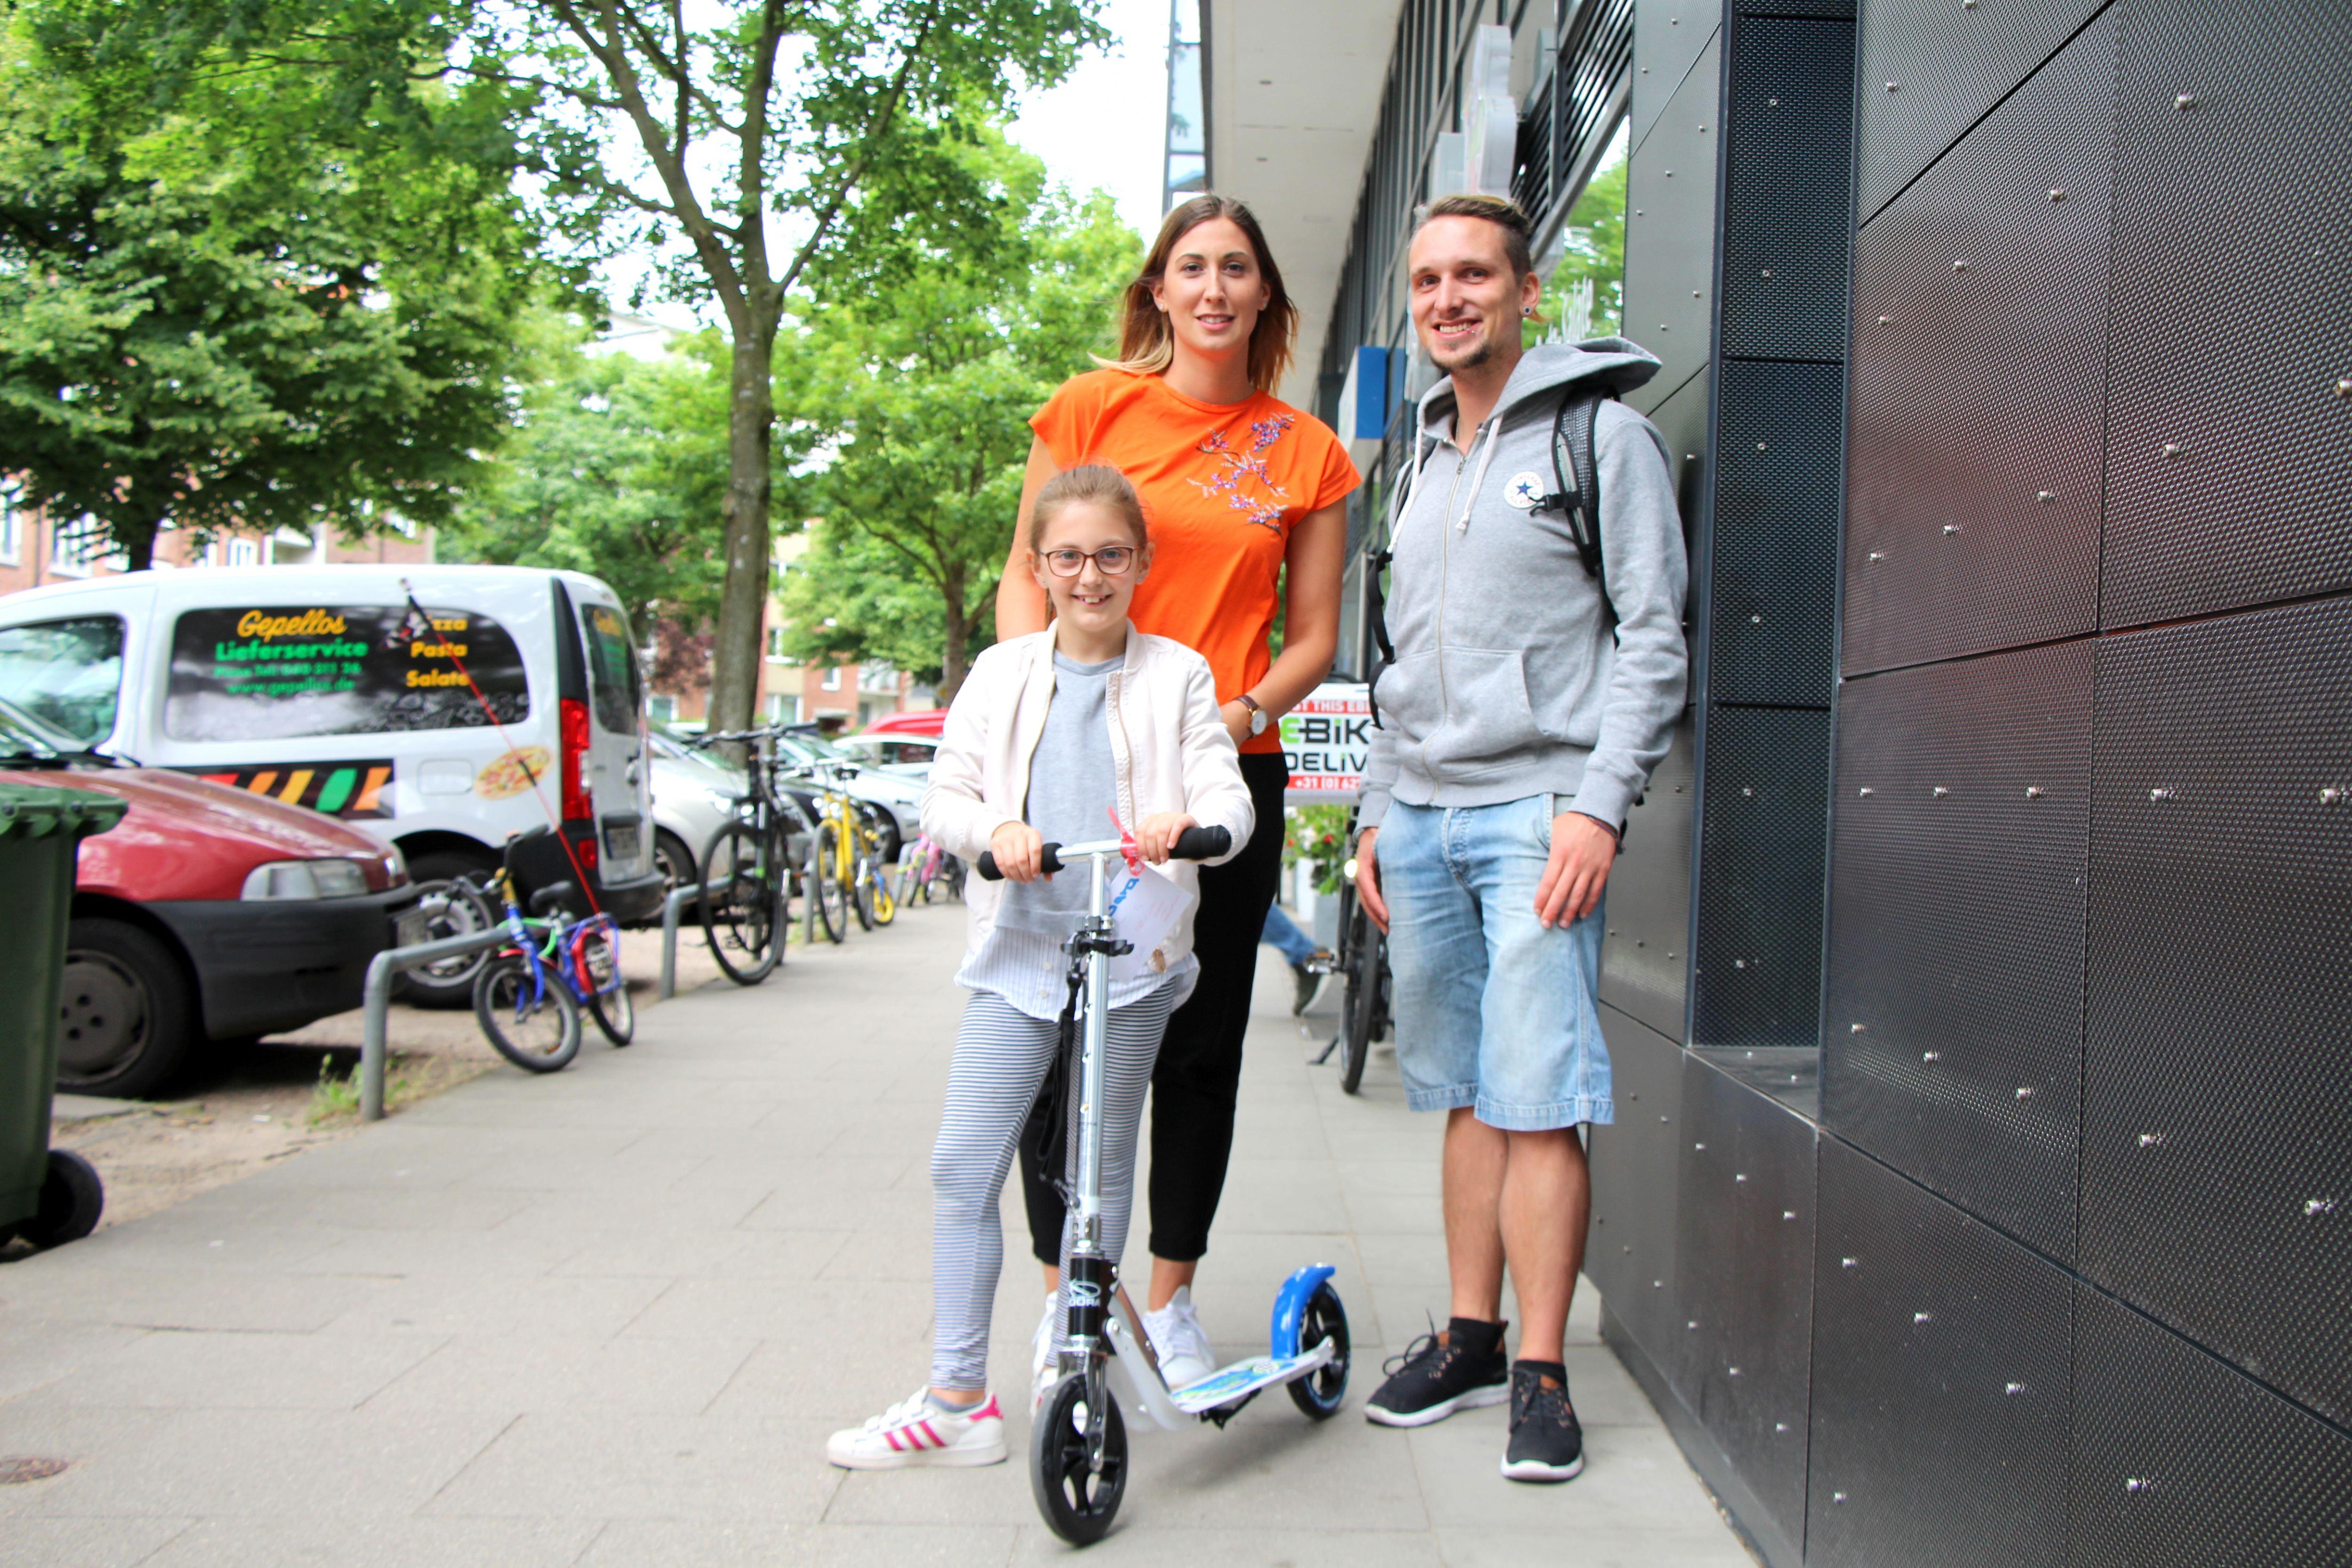 Tretroller geklaut: Eimsbütteler sammeln Geld für Mädchen